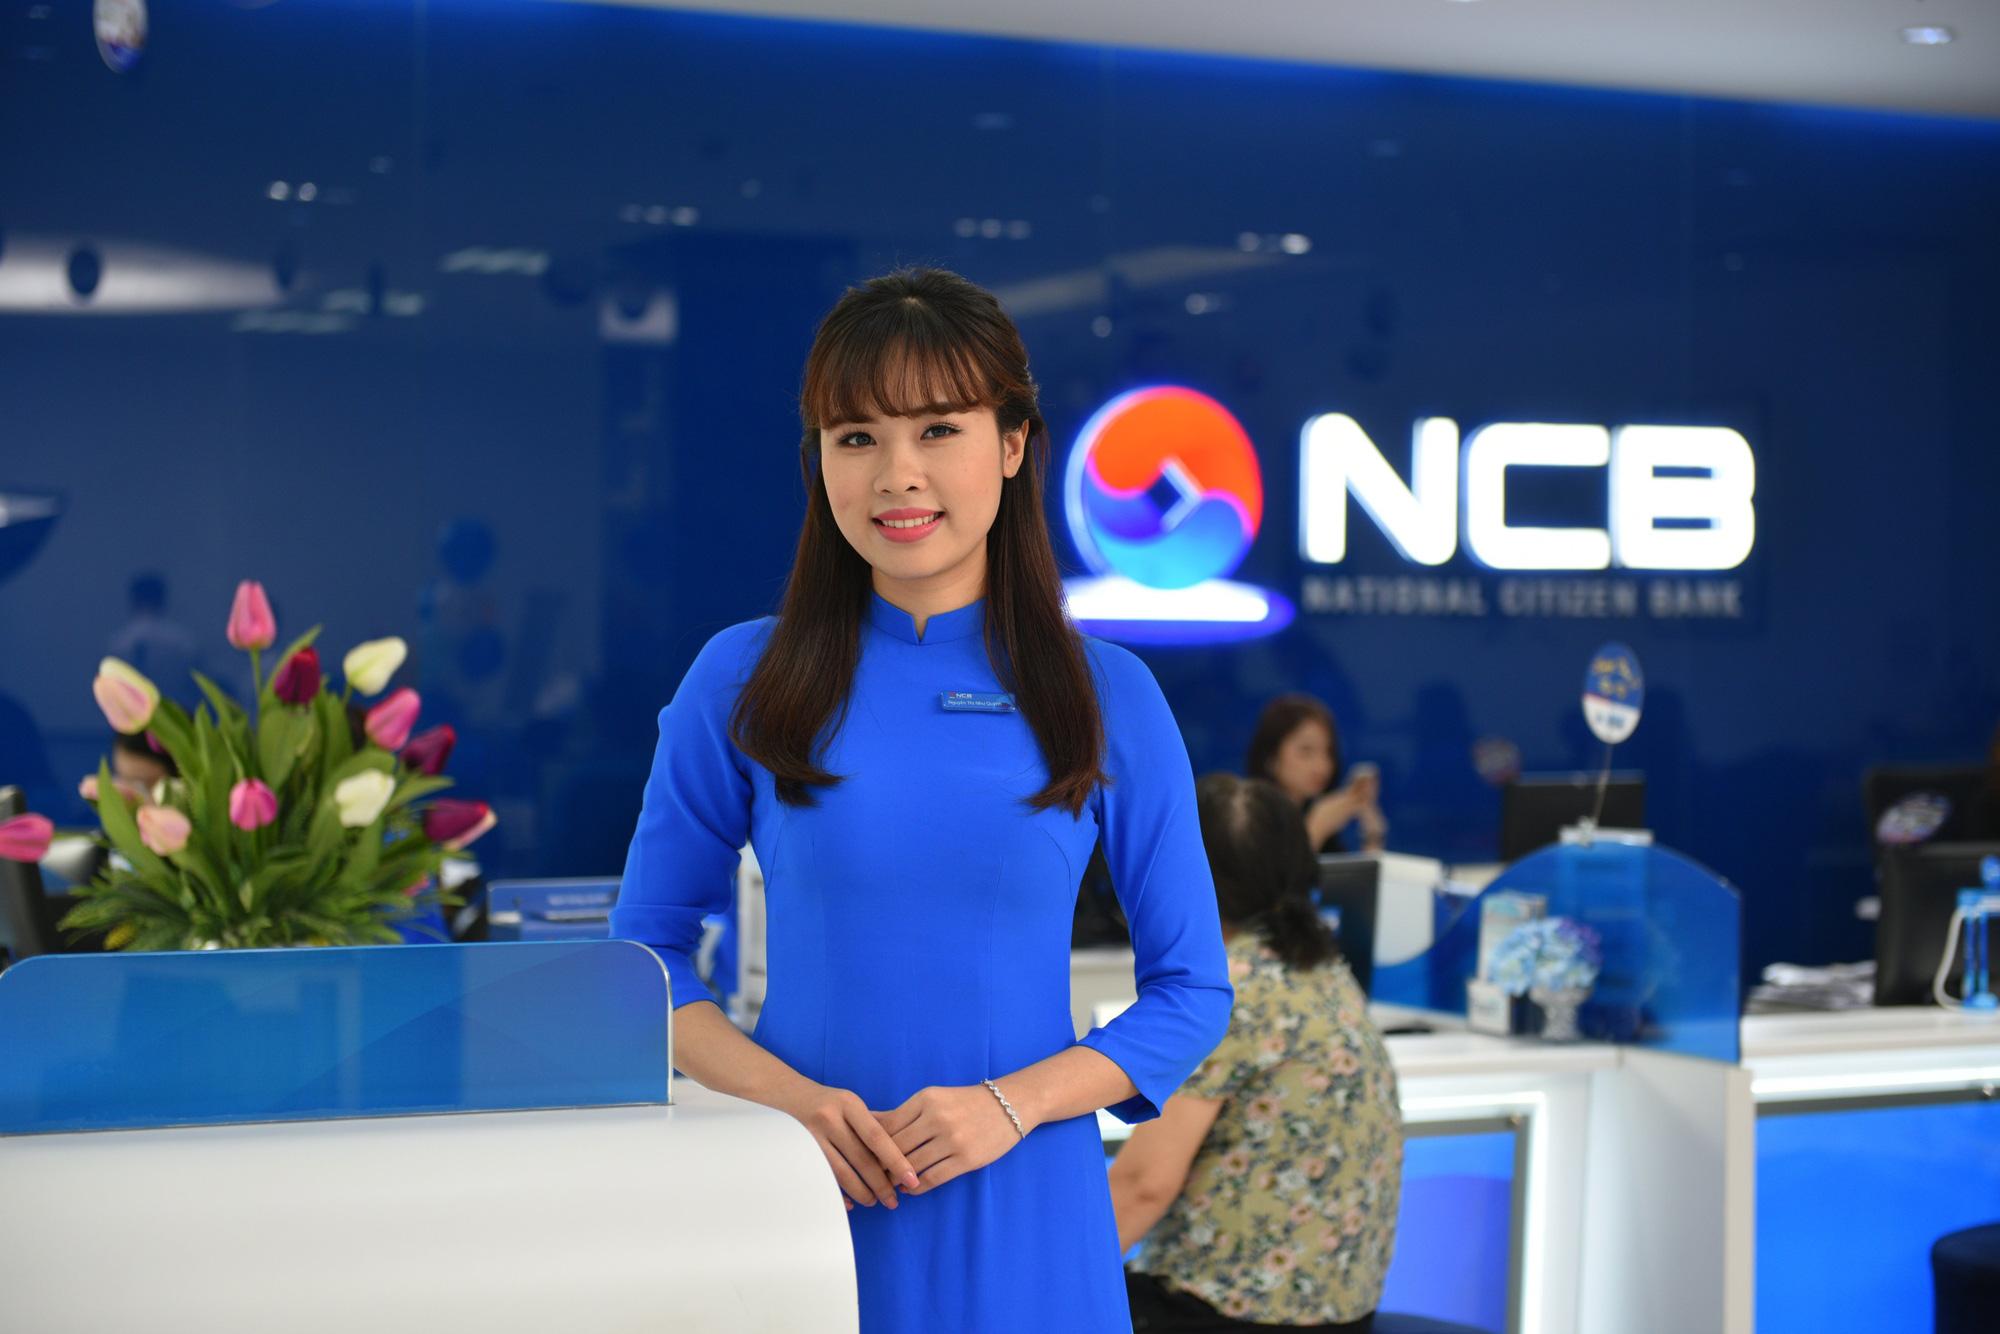 Năm 2021, NCB sẽ tăng vốn lên 7.000 tỷ đồng - Ảnh 1.